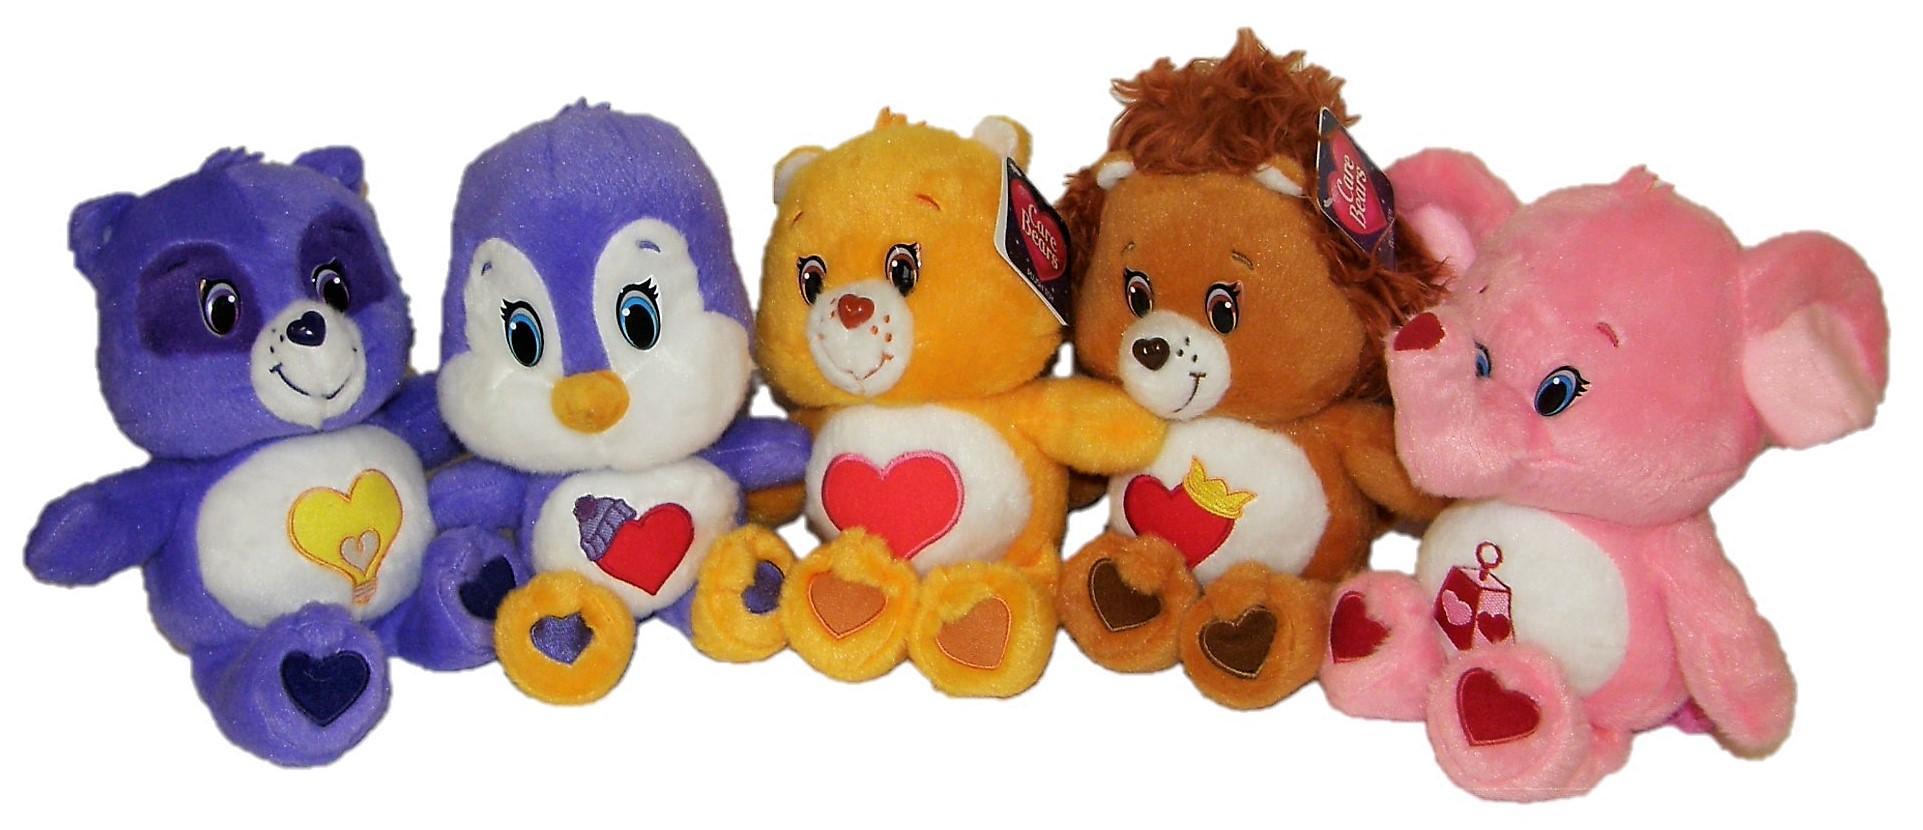 Care Bears Glücksbärchis Kuscheltiere für Kinder 22 cm (Auswahl)